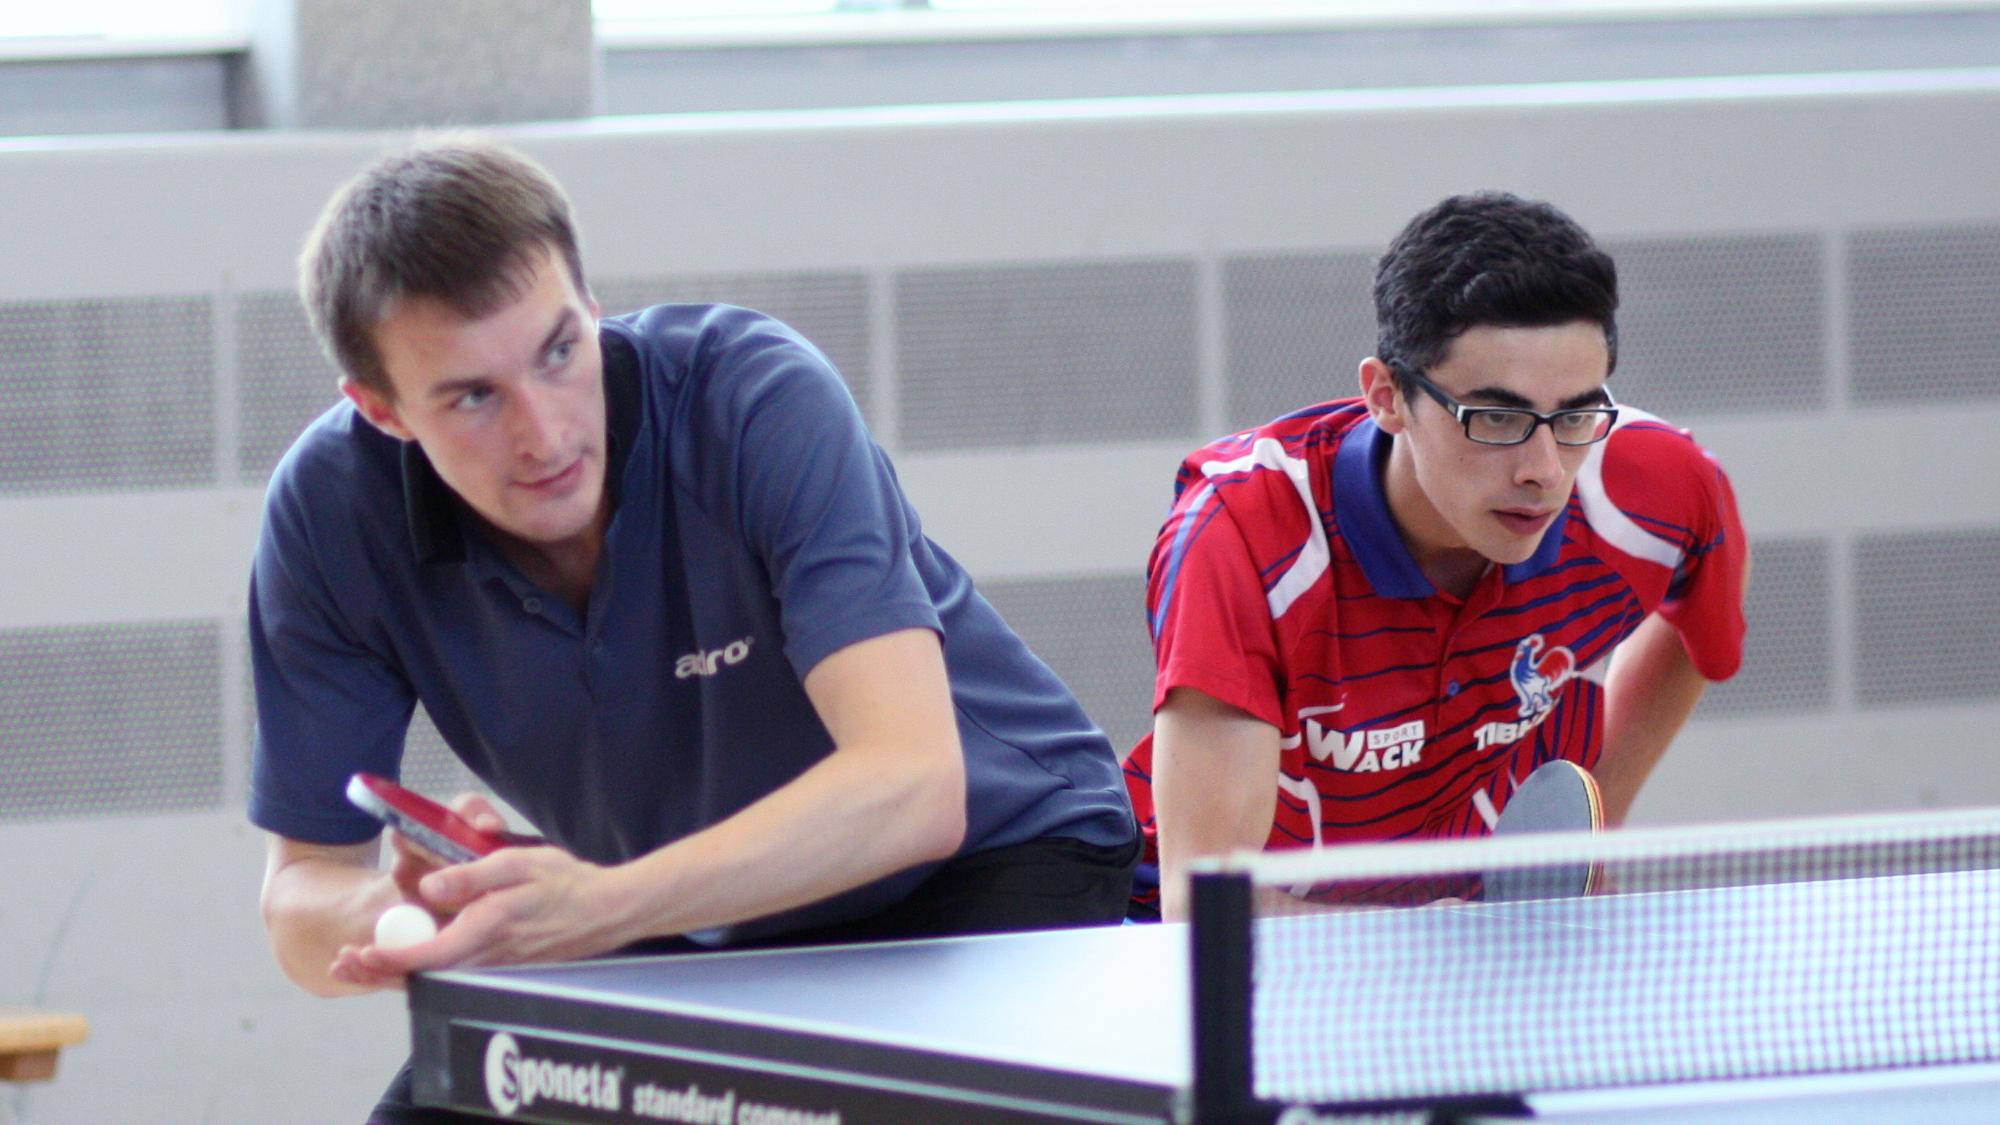 Unsere Neuzugänge Niklas (links) und Benedikt unterlagen im Viertelfinale Sascha und Felix mit 1:3